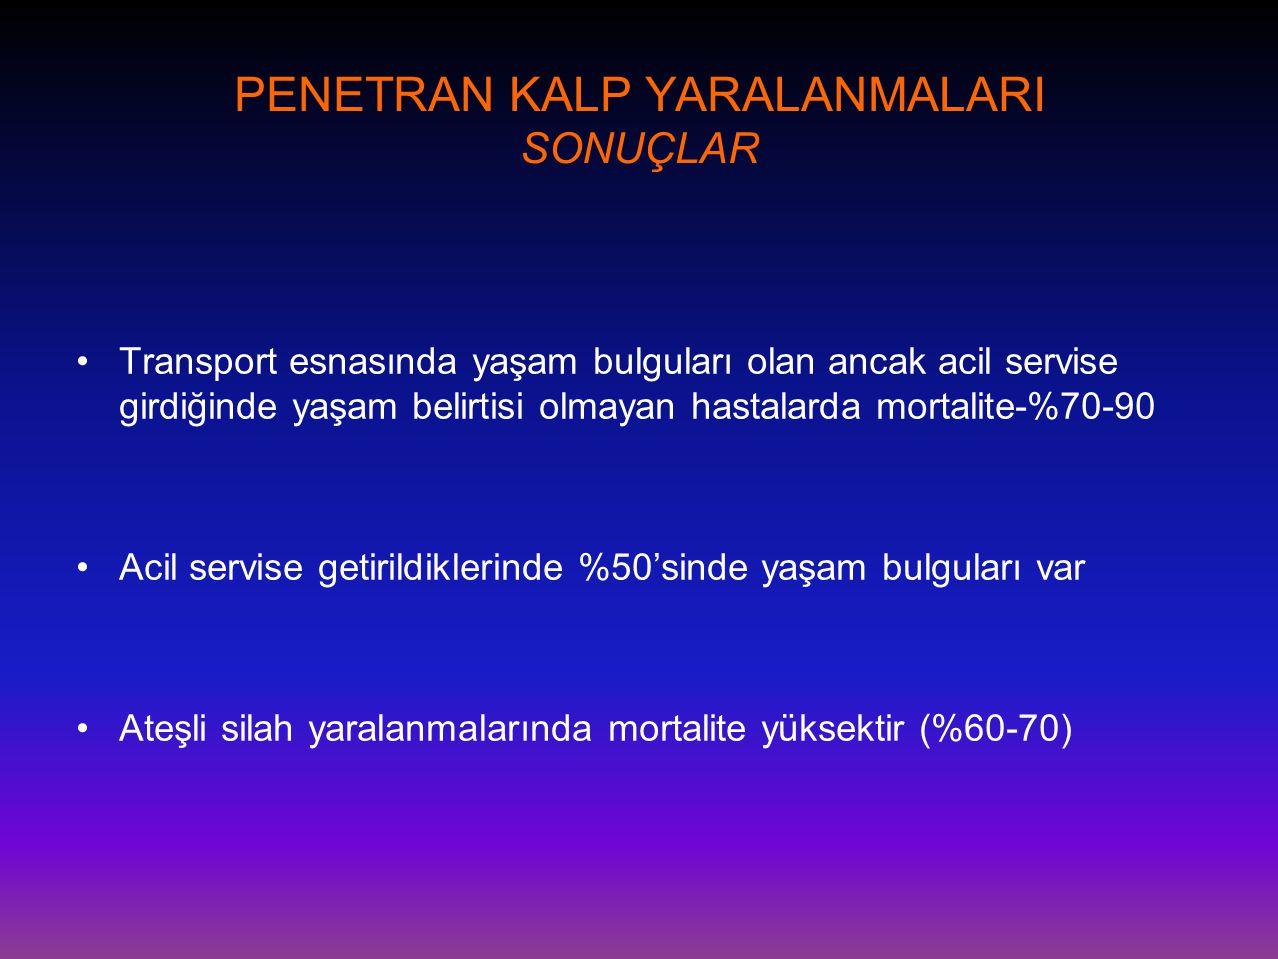 PENETRAN KALP YARALANMALARI SONUÇLAR •Transport esnasında yaşam bulguları olan ancak acil servise girdiğinde yaşam belirtisi olmayan hastalarda mortal